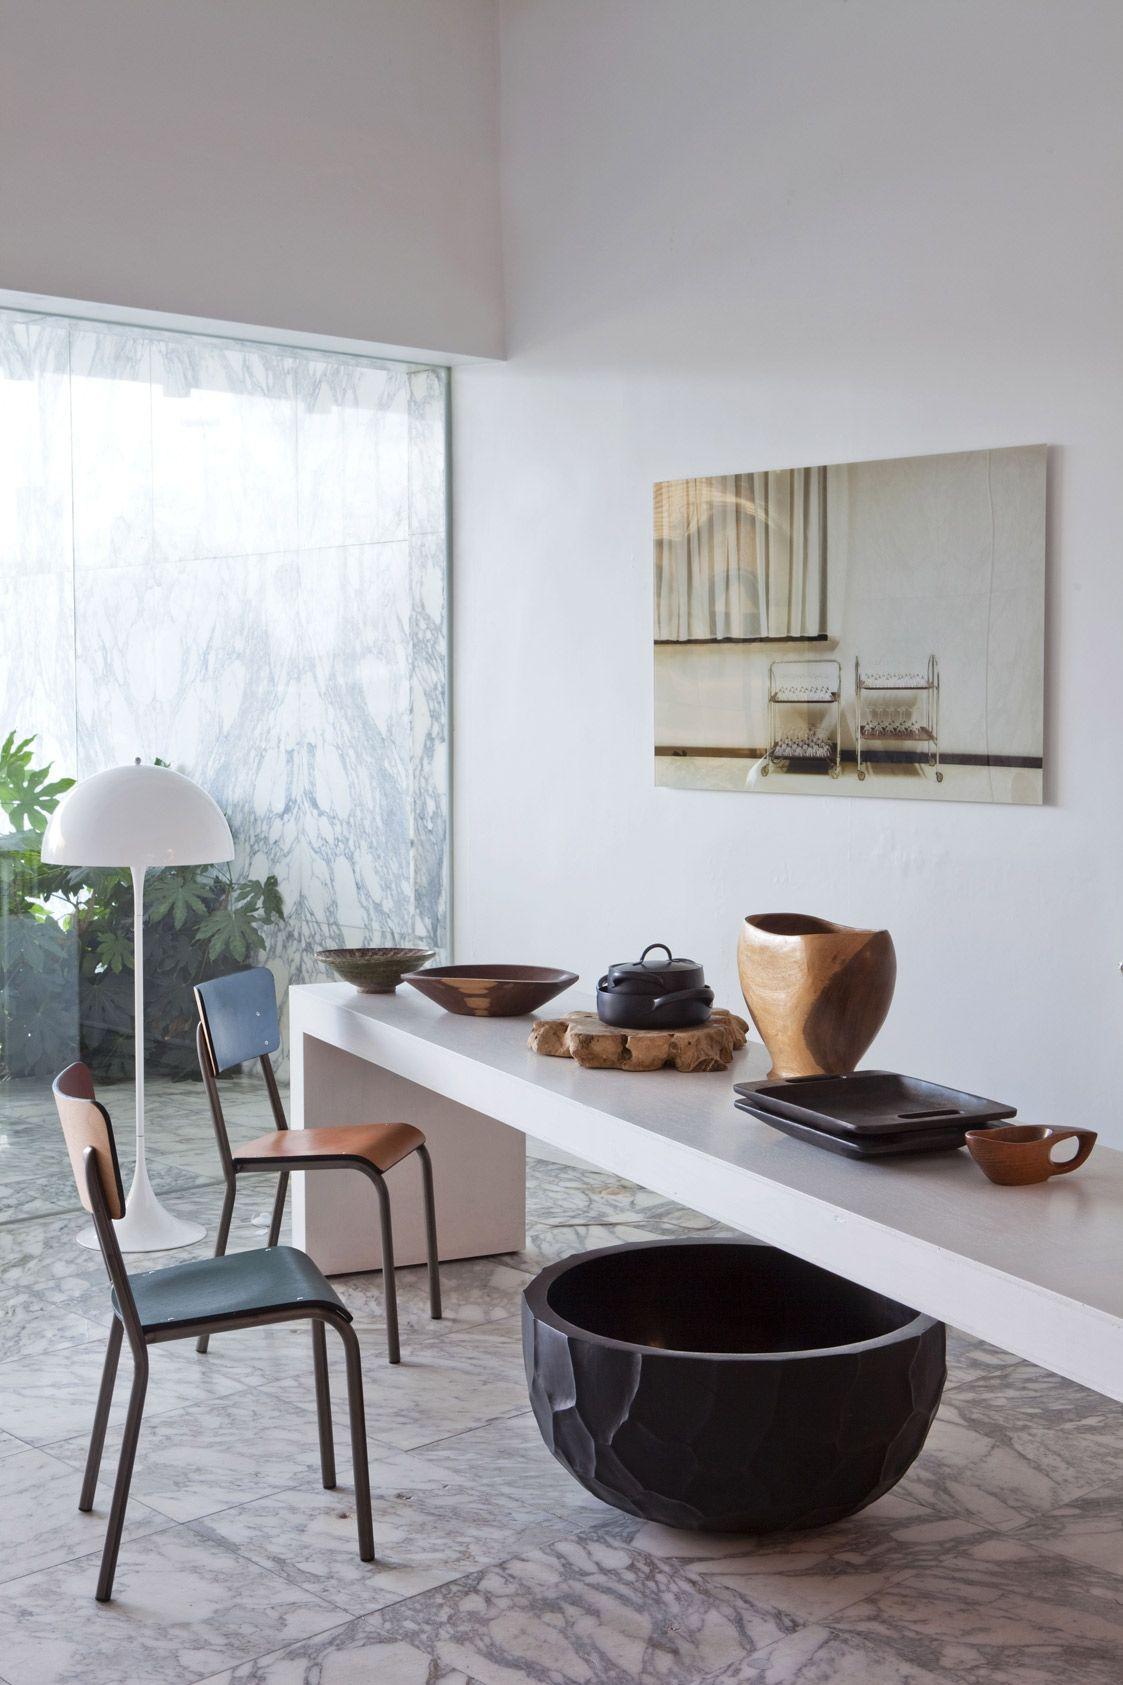 Le Monde Eclectique De Bea Mombaers Meuble Cuisine Elegante Interieur Maison